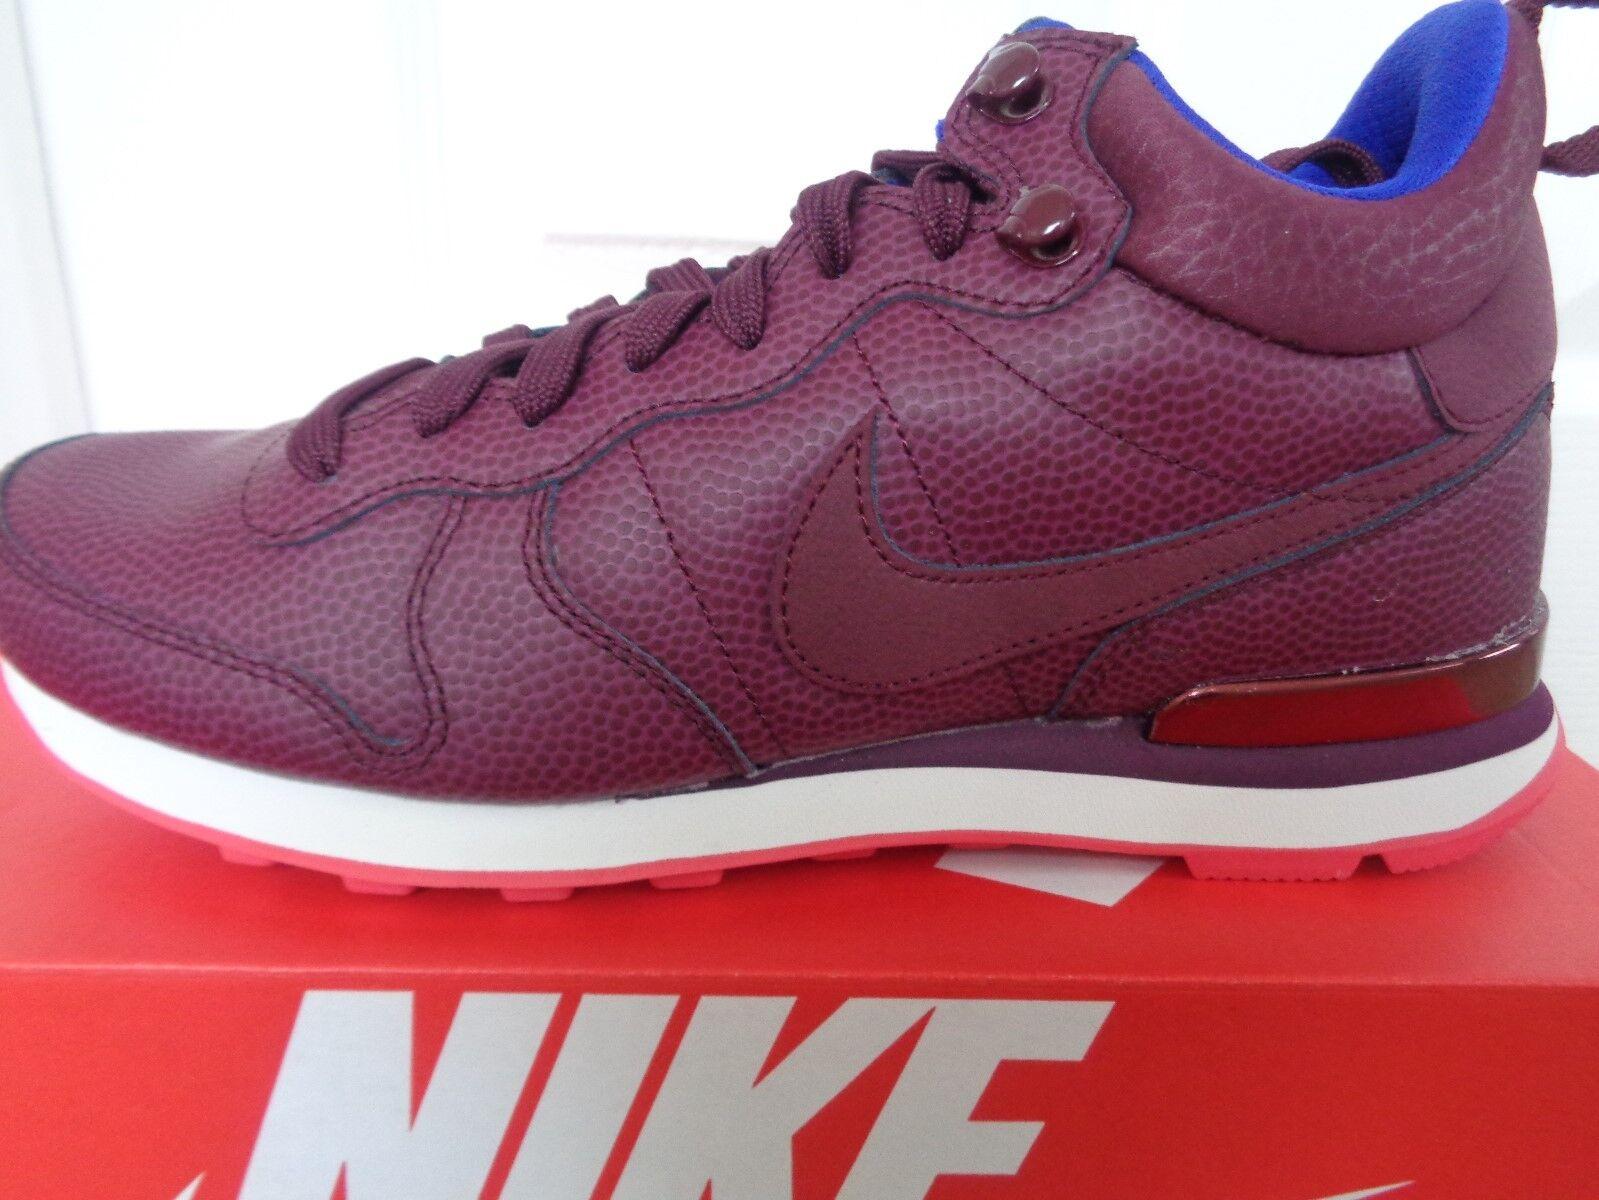 Nike Internazionalista Mid Lthr Scarpe da ginnastica da donna 859549 EU 38 US 7 Nuovo + Scatola